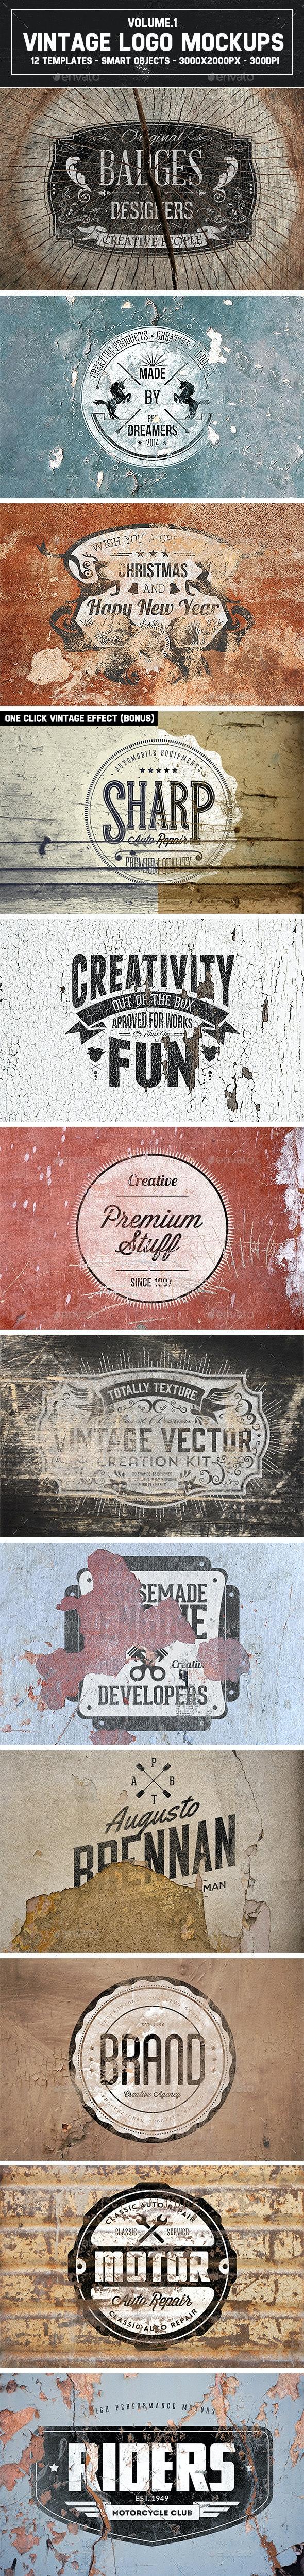 12 Vintage Logo Mockups Vol.1 - Product Mock-Ups Graphics